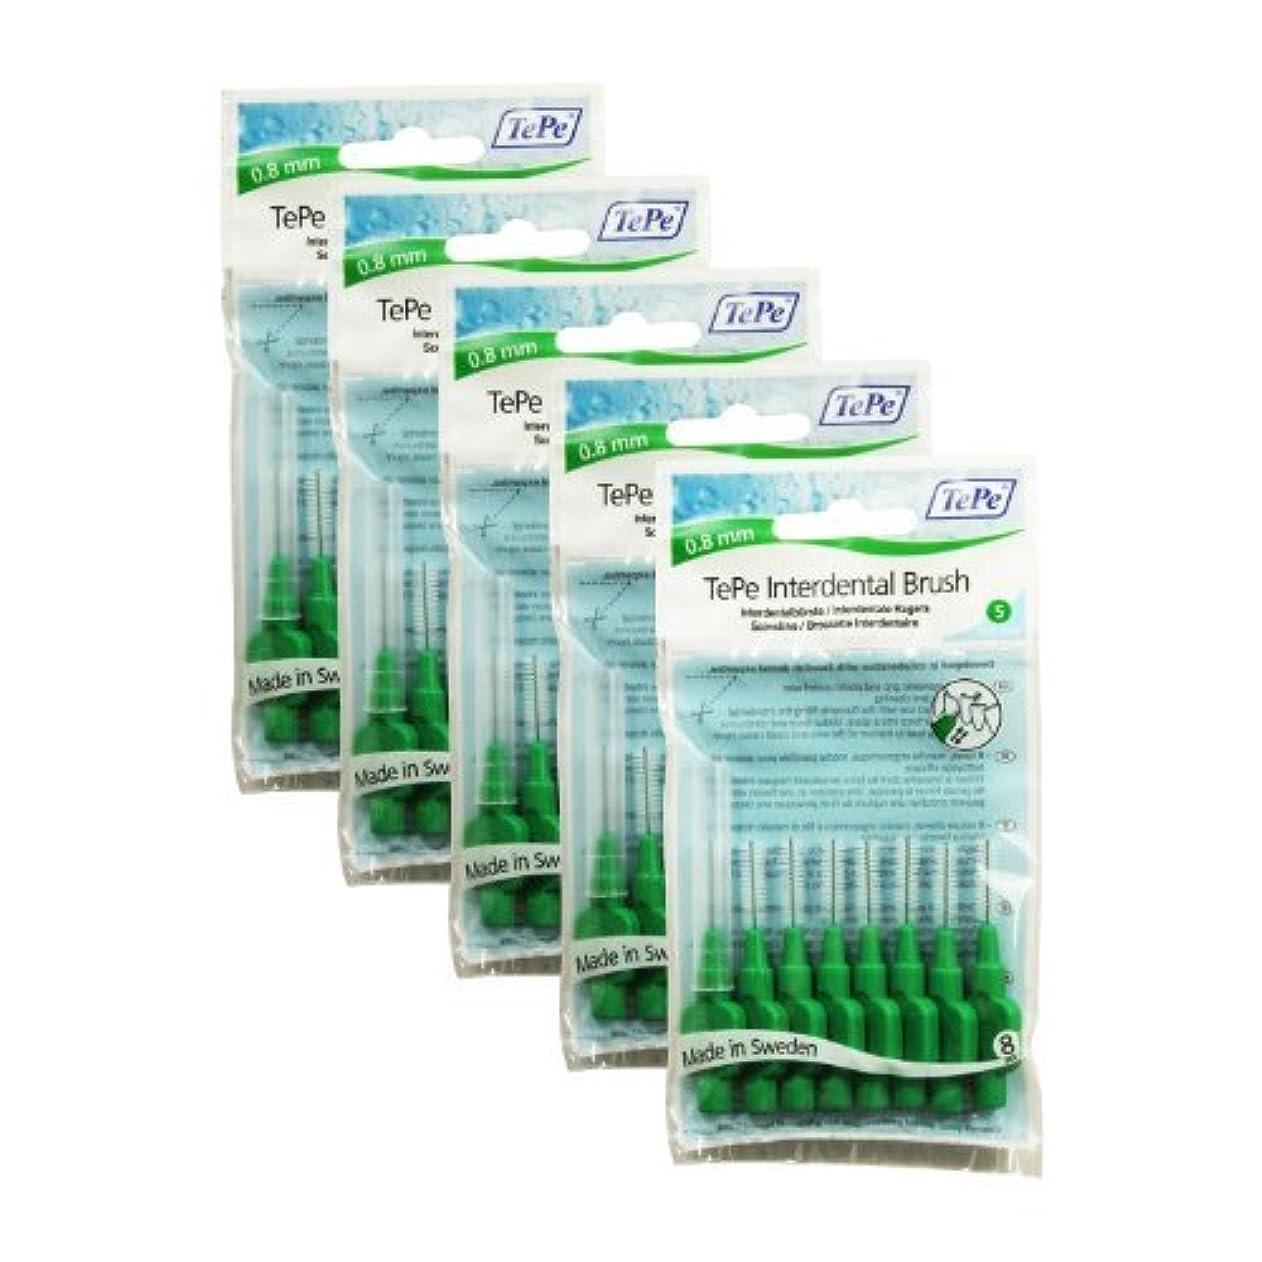 アンケートもっと少なくシェトランド諸島TePe Original Interdental Brushes, Green (0.8 mm), 40 by TePe